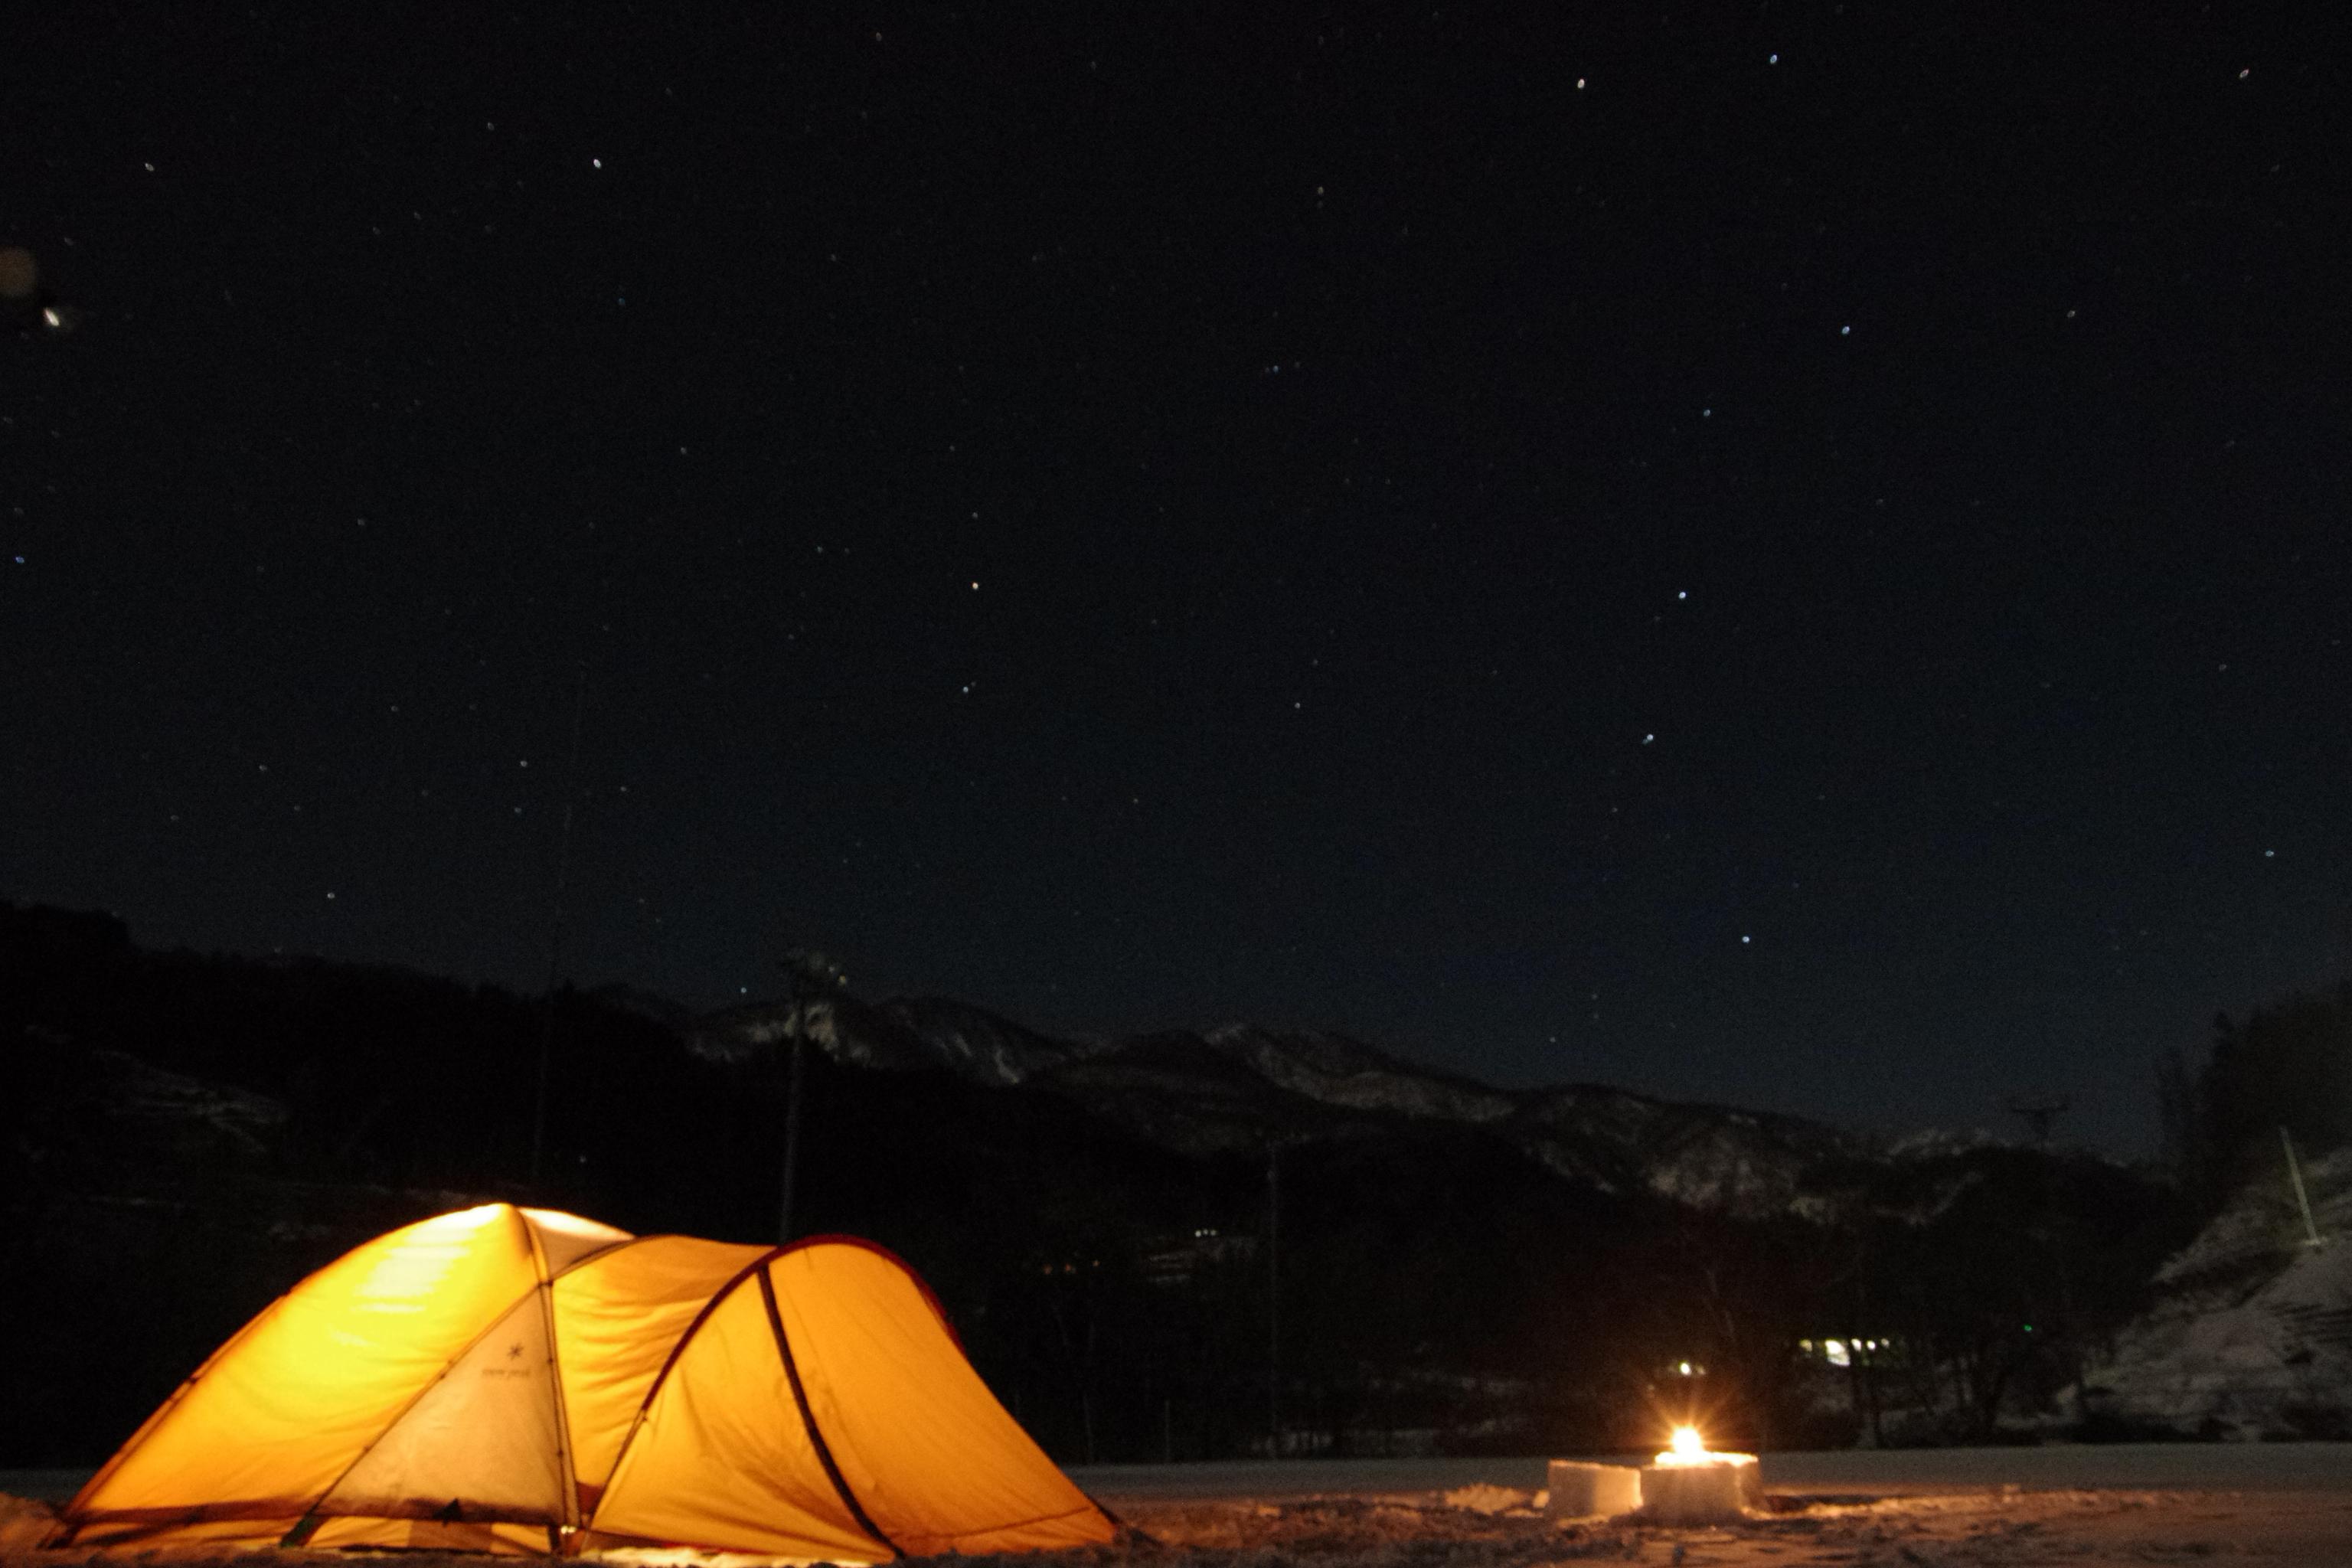 ~雪上テント泊~ めっちゃ寒い!けど星めっちゃきれい!